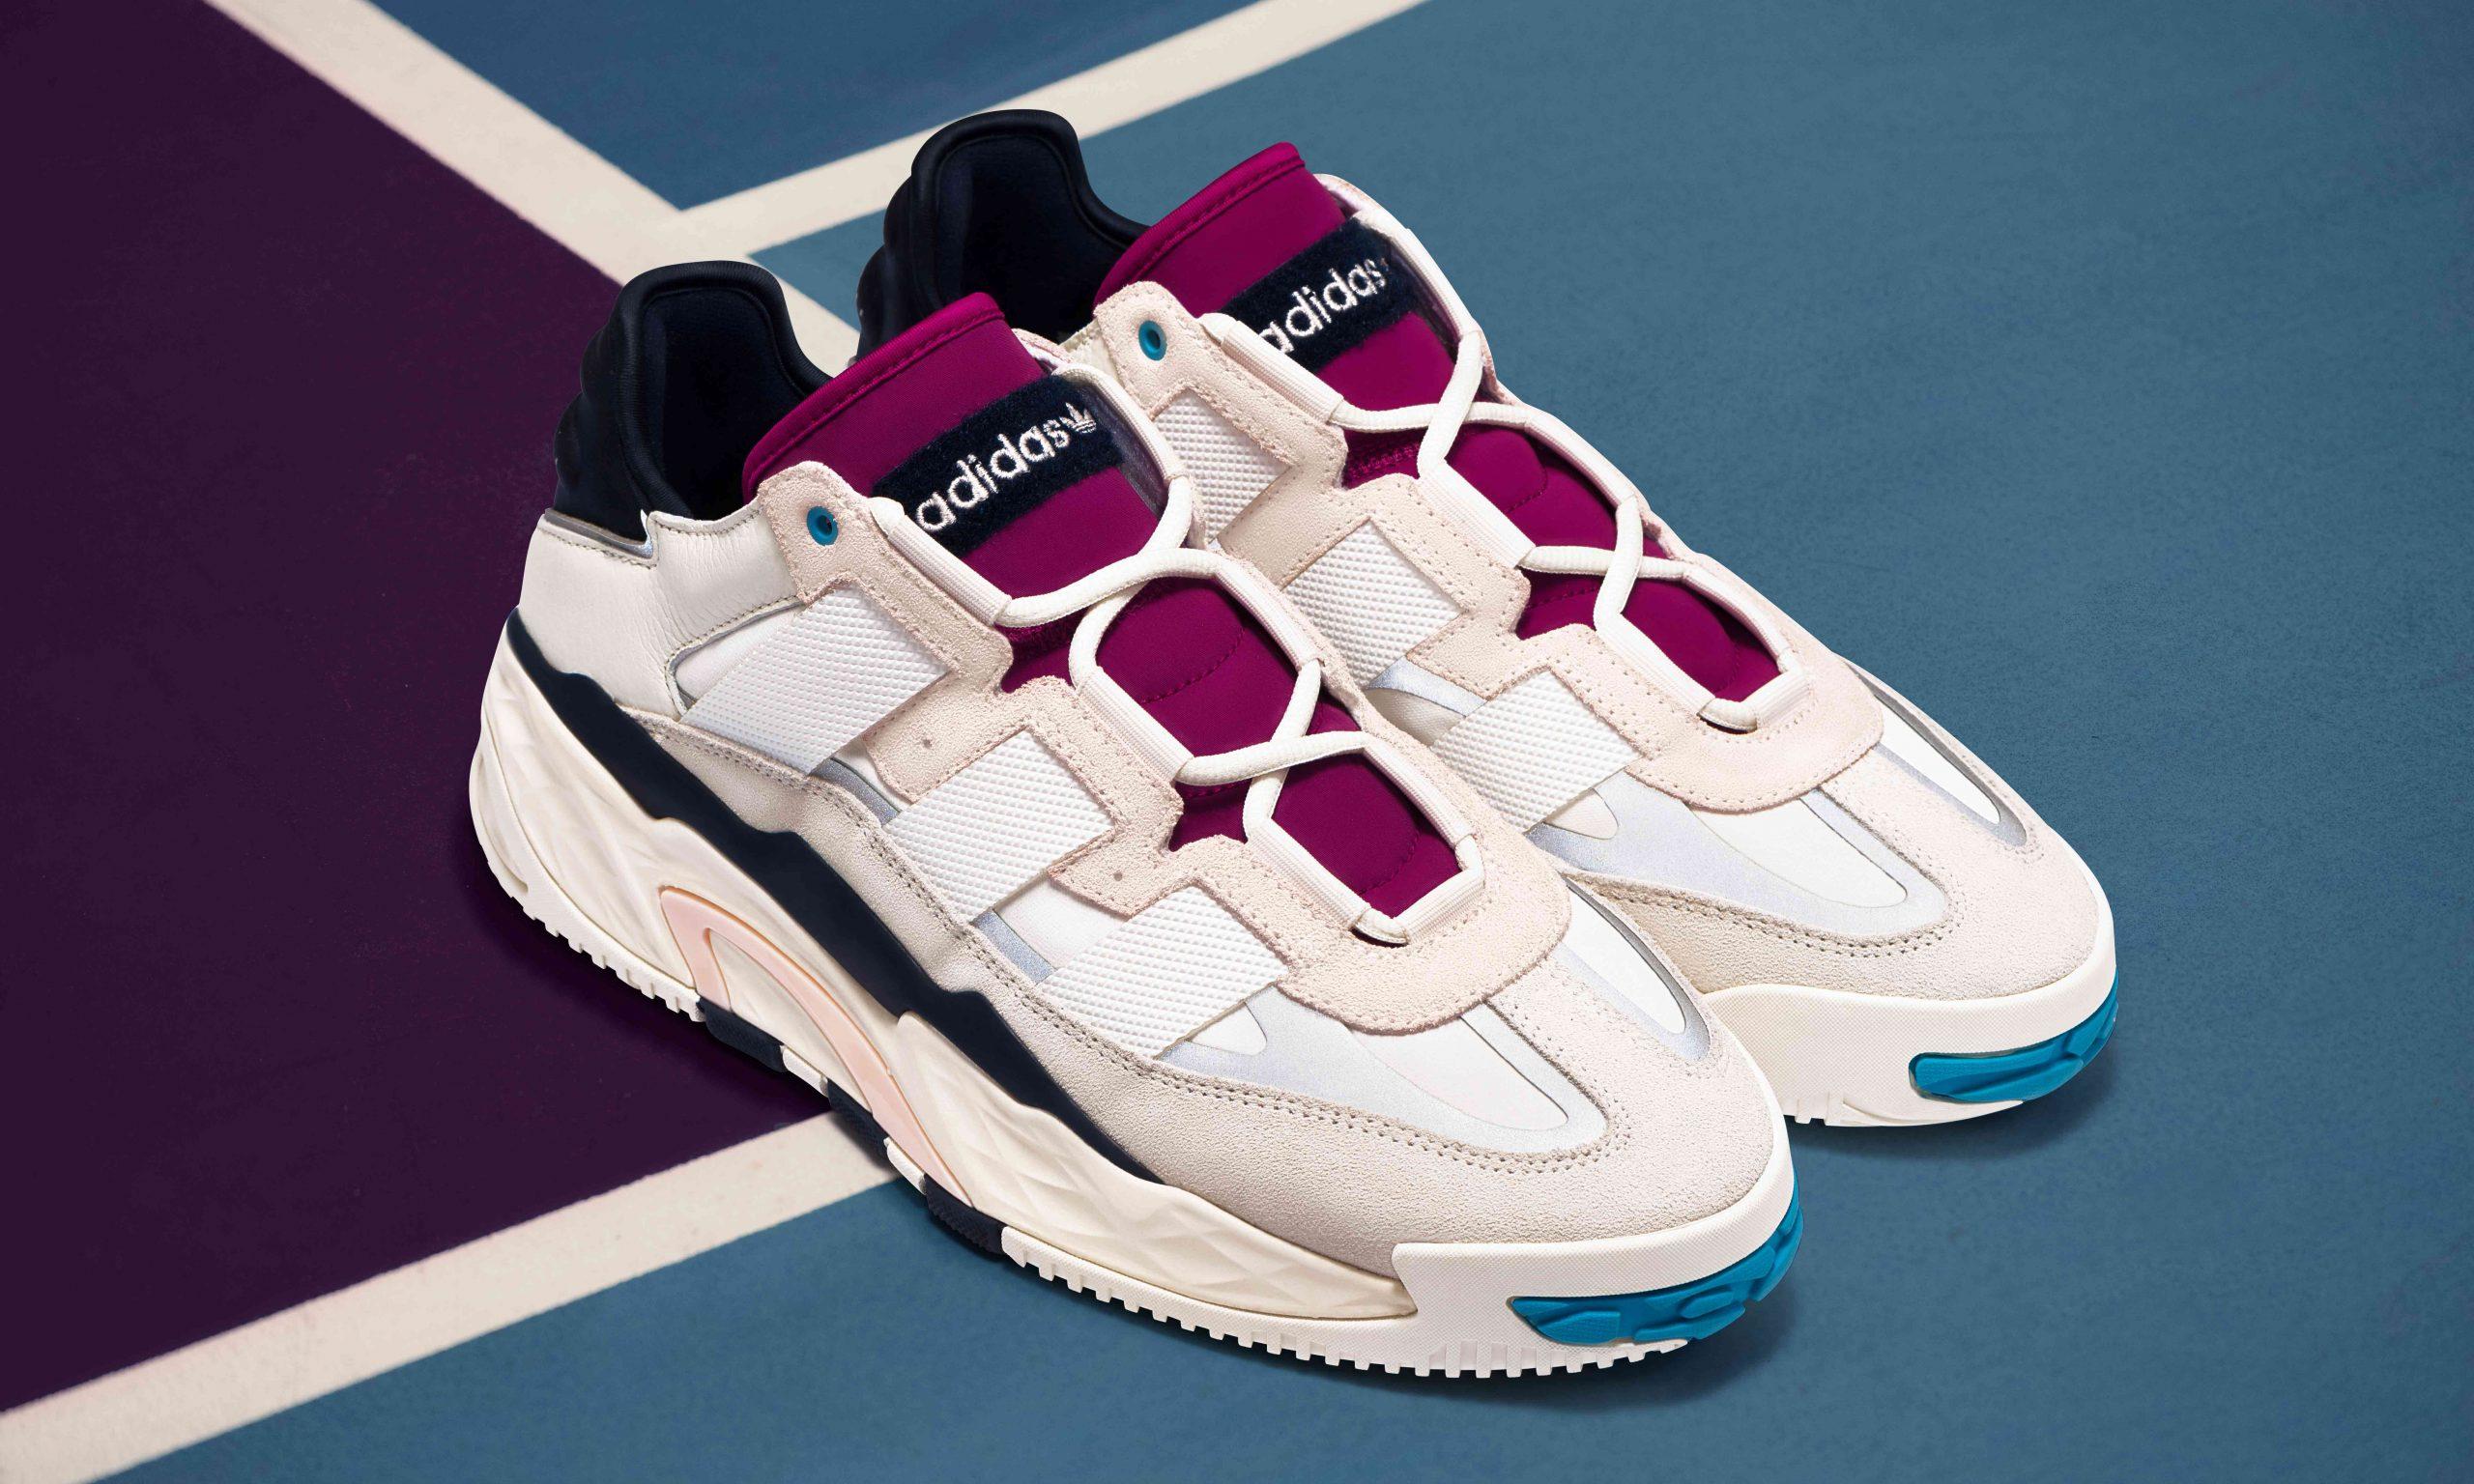 复古篮球场经典,adidas Originals 新鞋款 Niteball 亮相